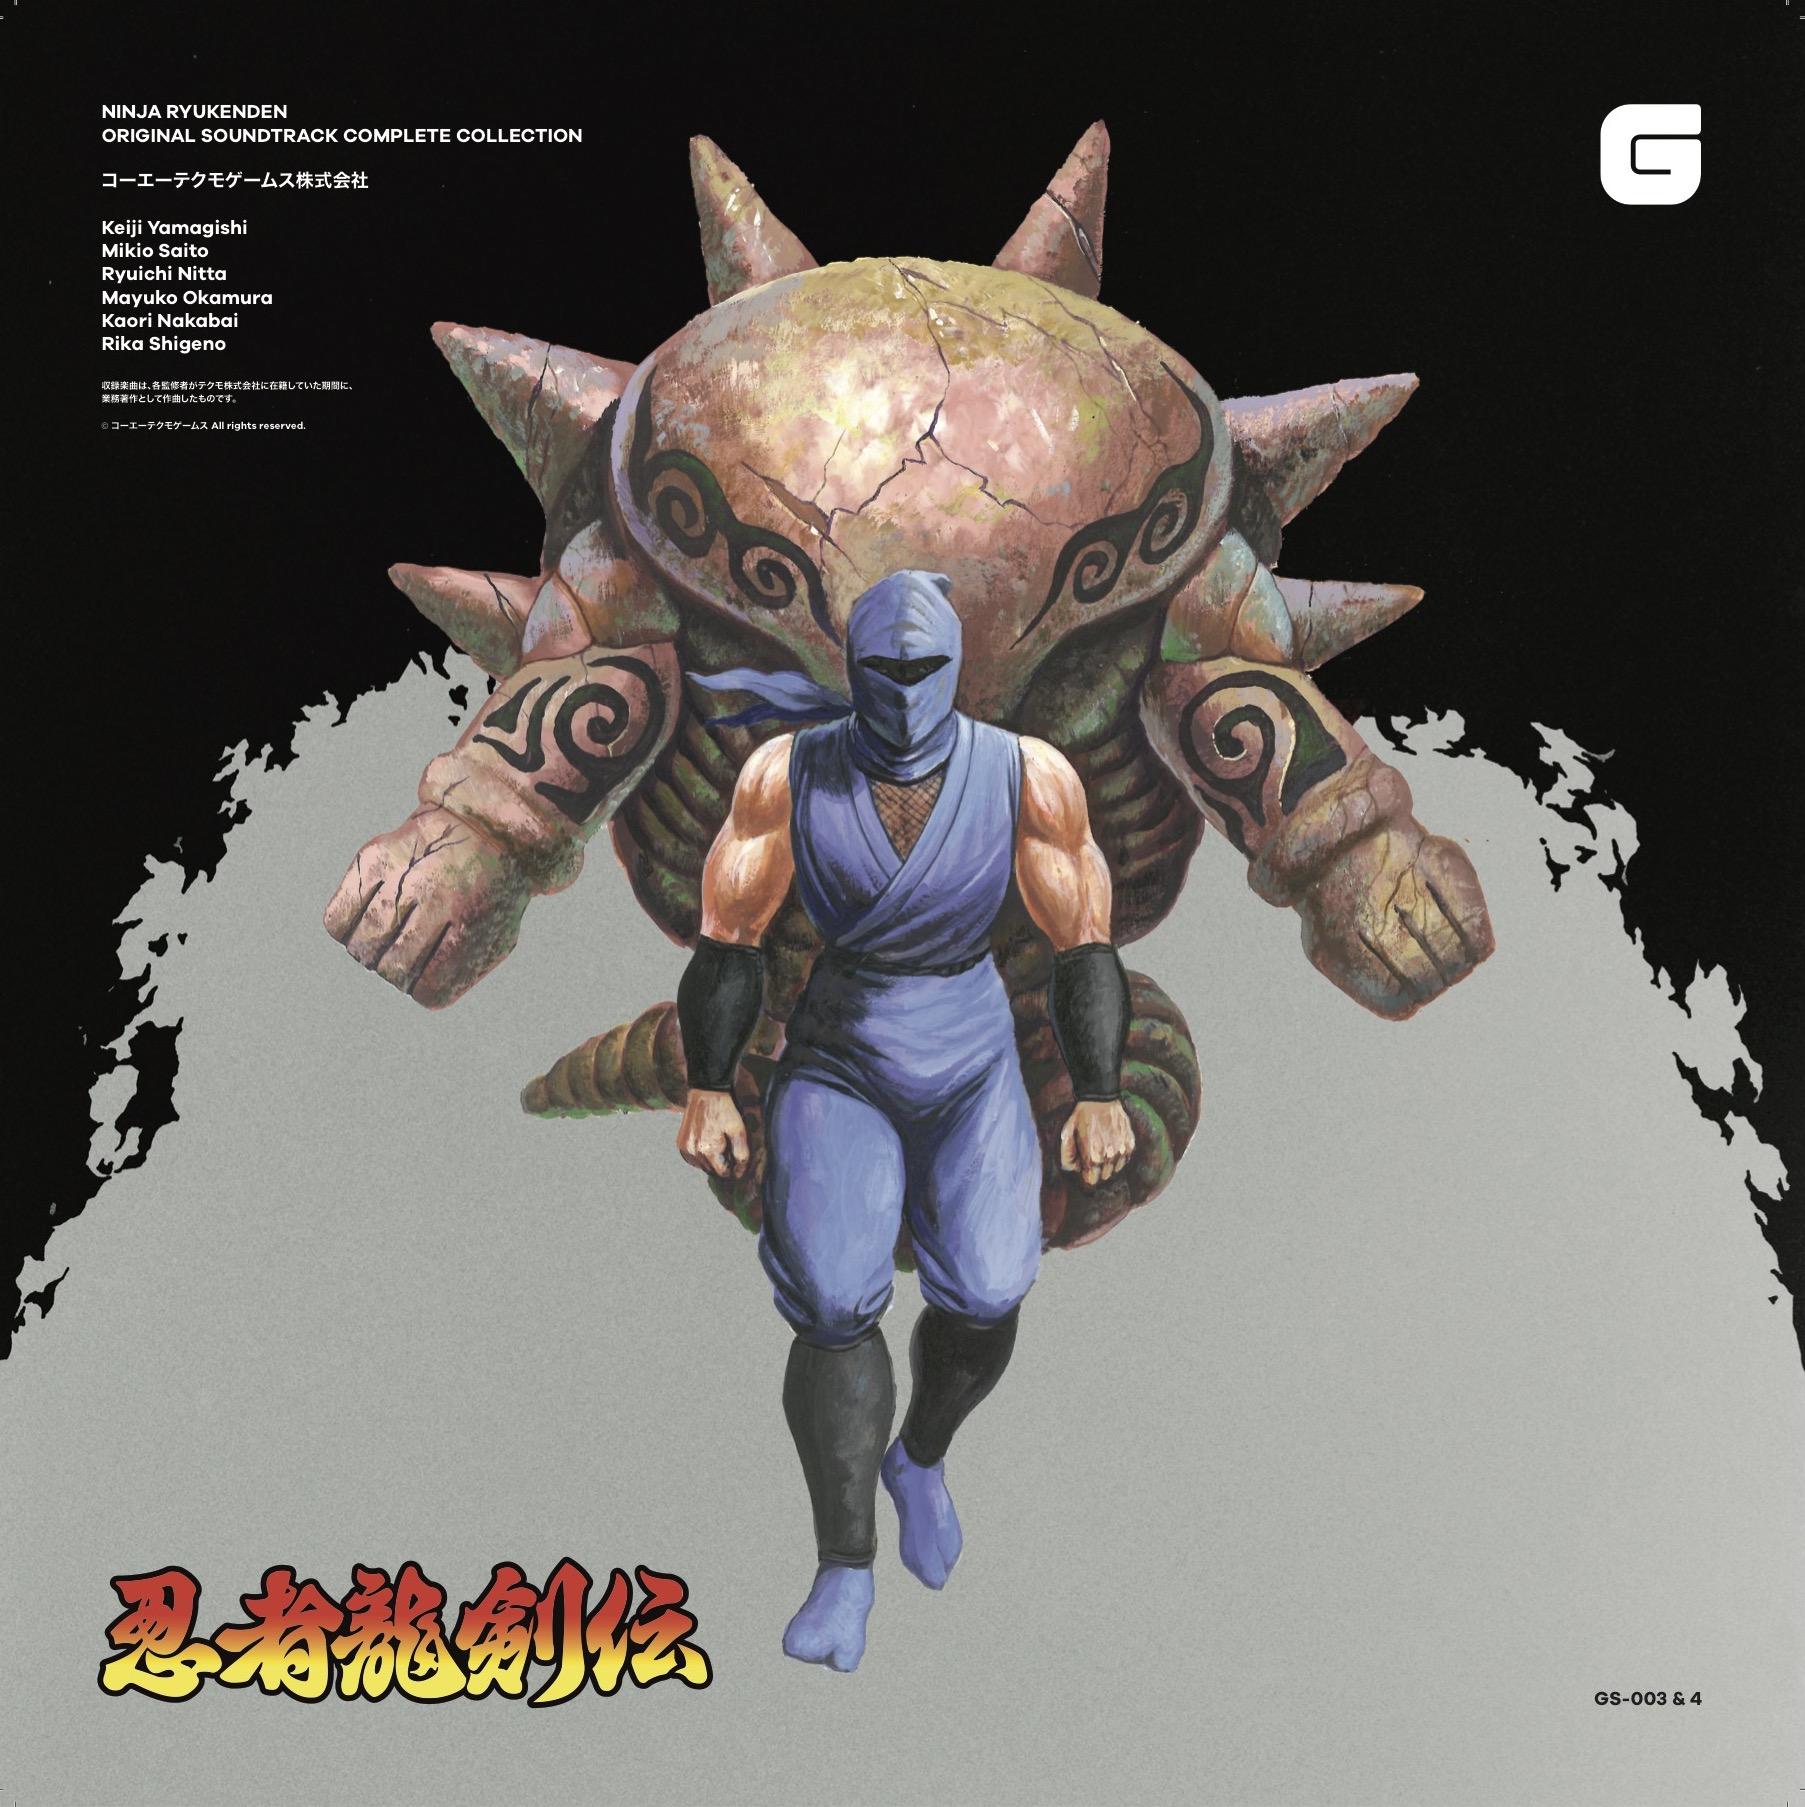 GS-003+GS-004   忍者龍剣伝  オリジナルサウンドトラック コンプリートコレクション 配信・CD・アナログレコード盤